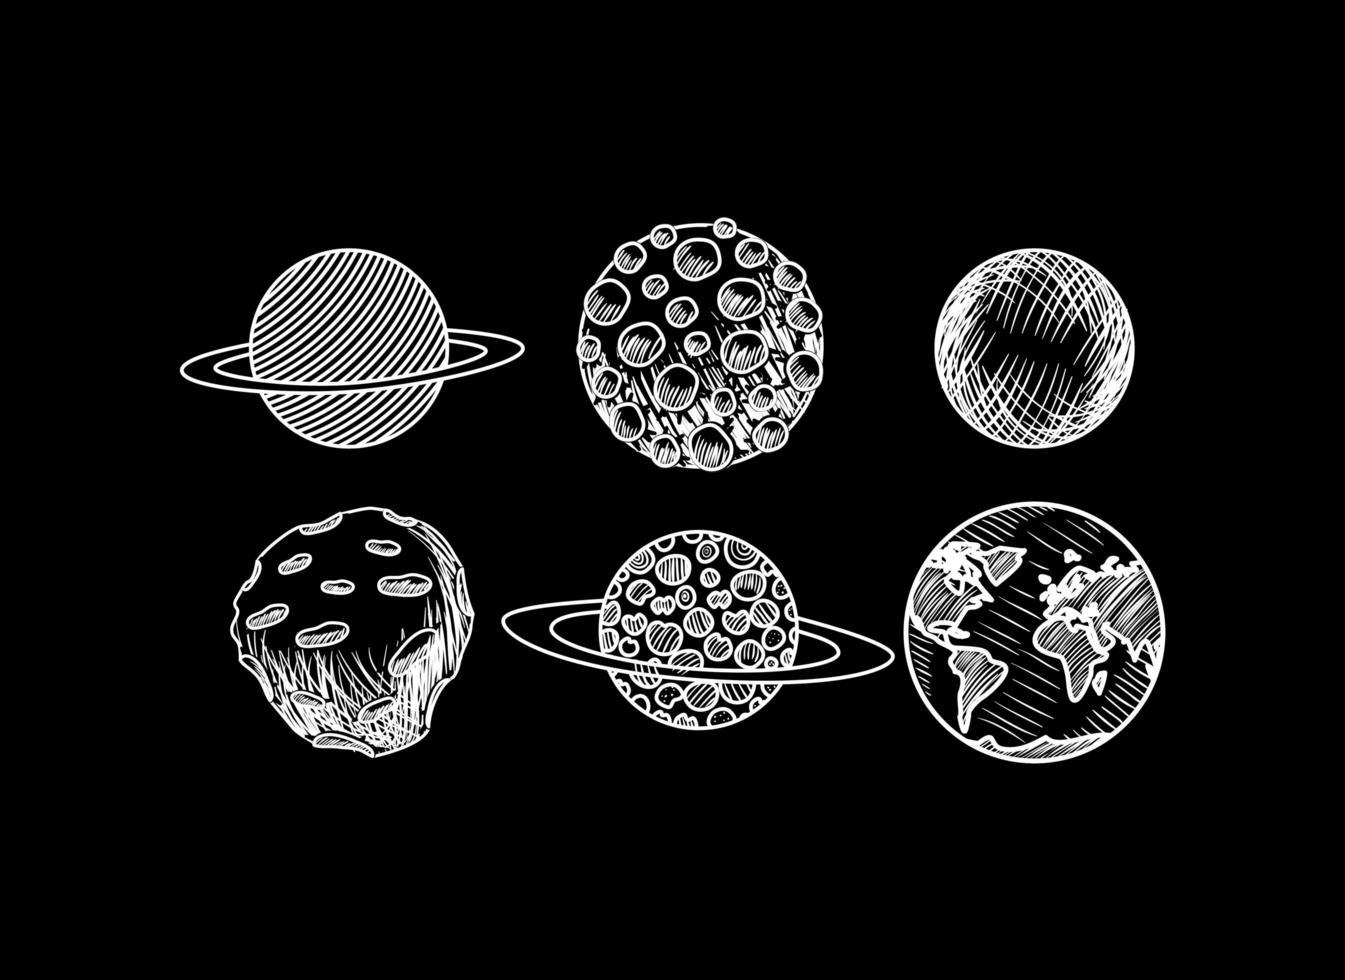 pianeti disegnati a mano del design del sistema solare vettore